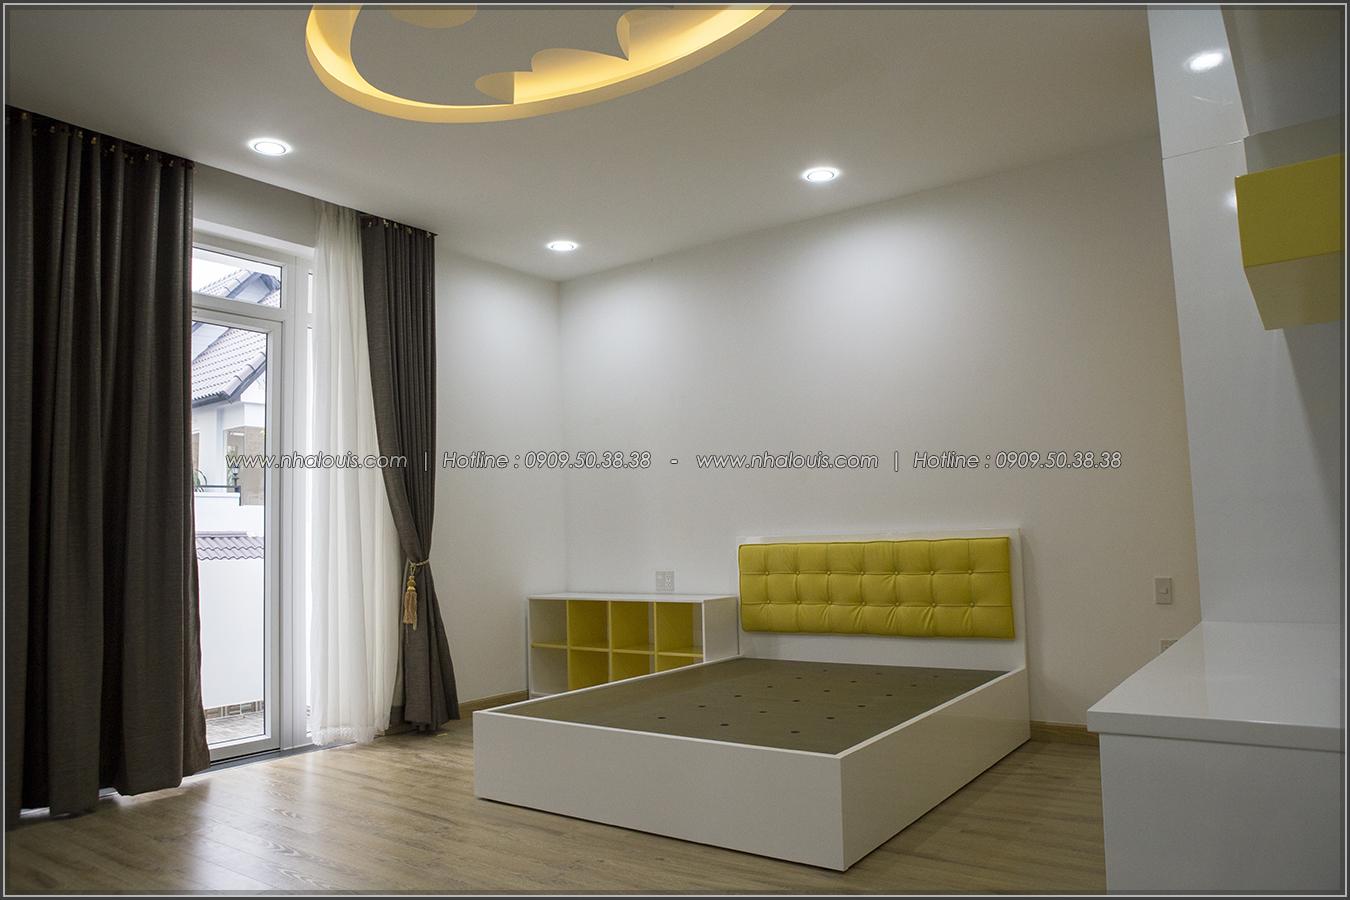 Thiết kế và thi công biệt thự phố đẹp với hồ bơi xanh mát tại Tân Bình - 19